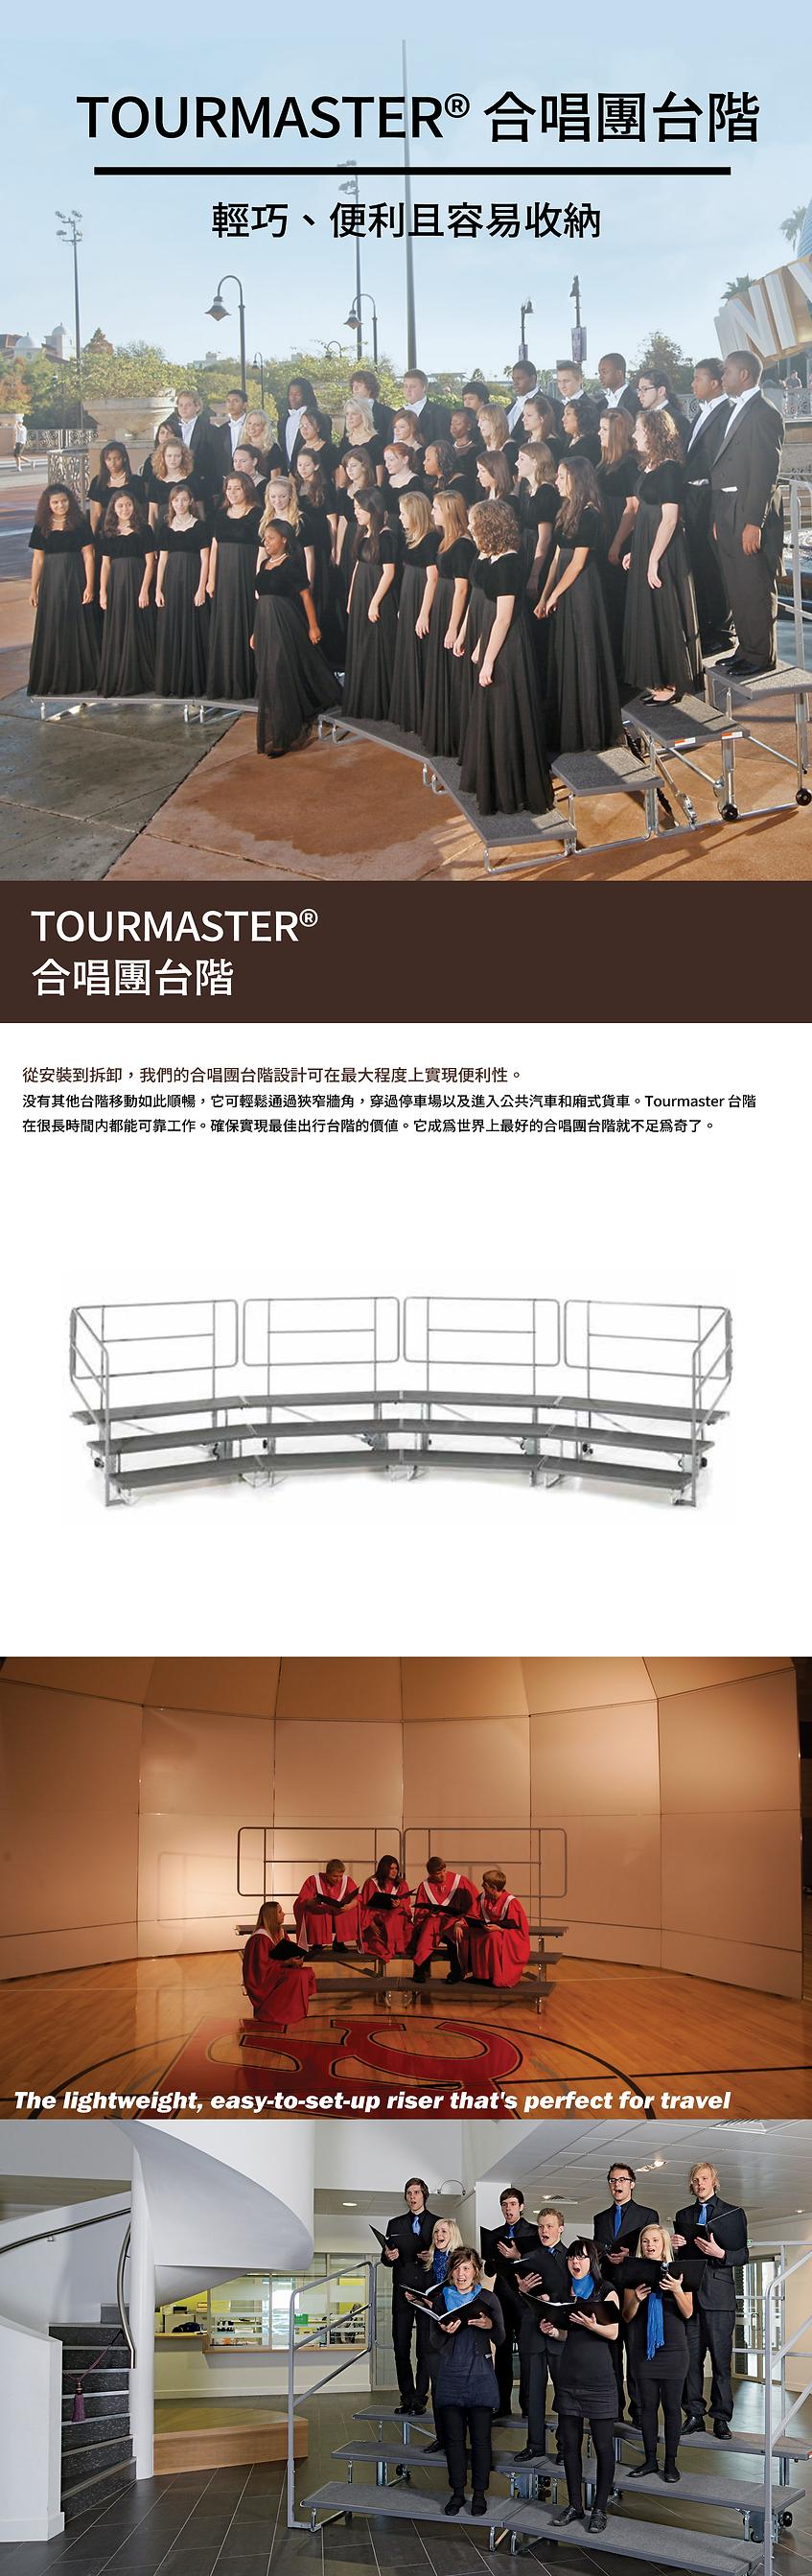 tour-1拷貝.png